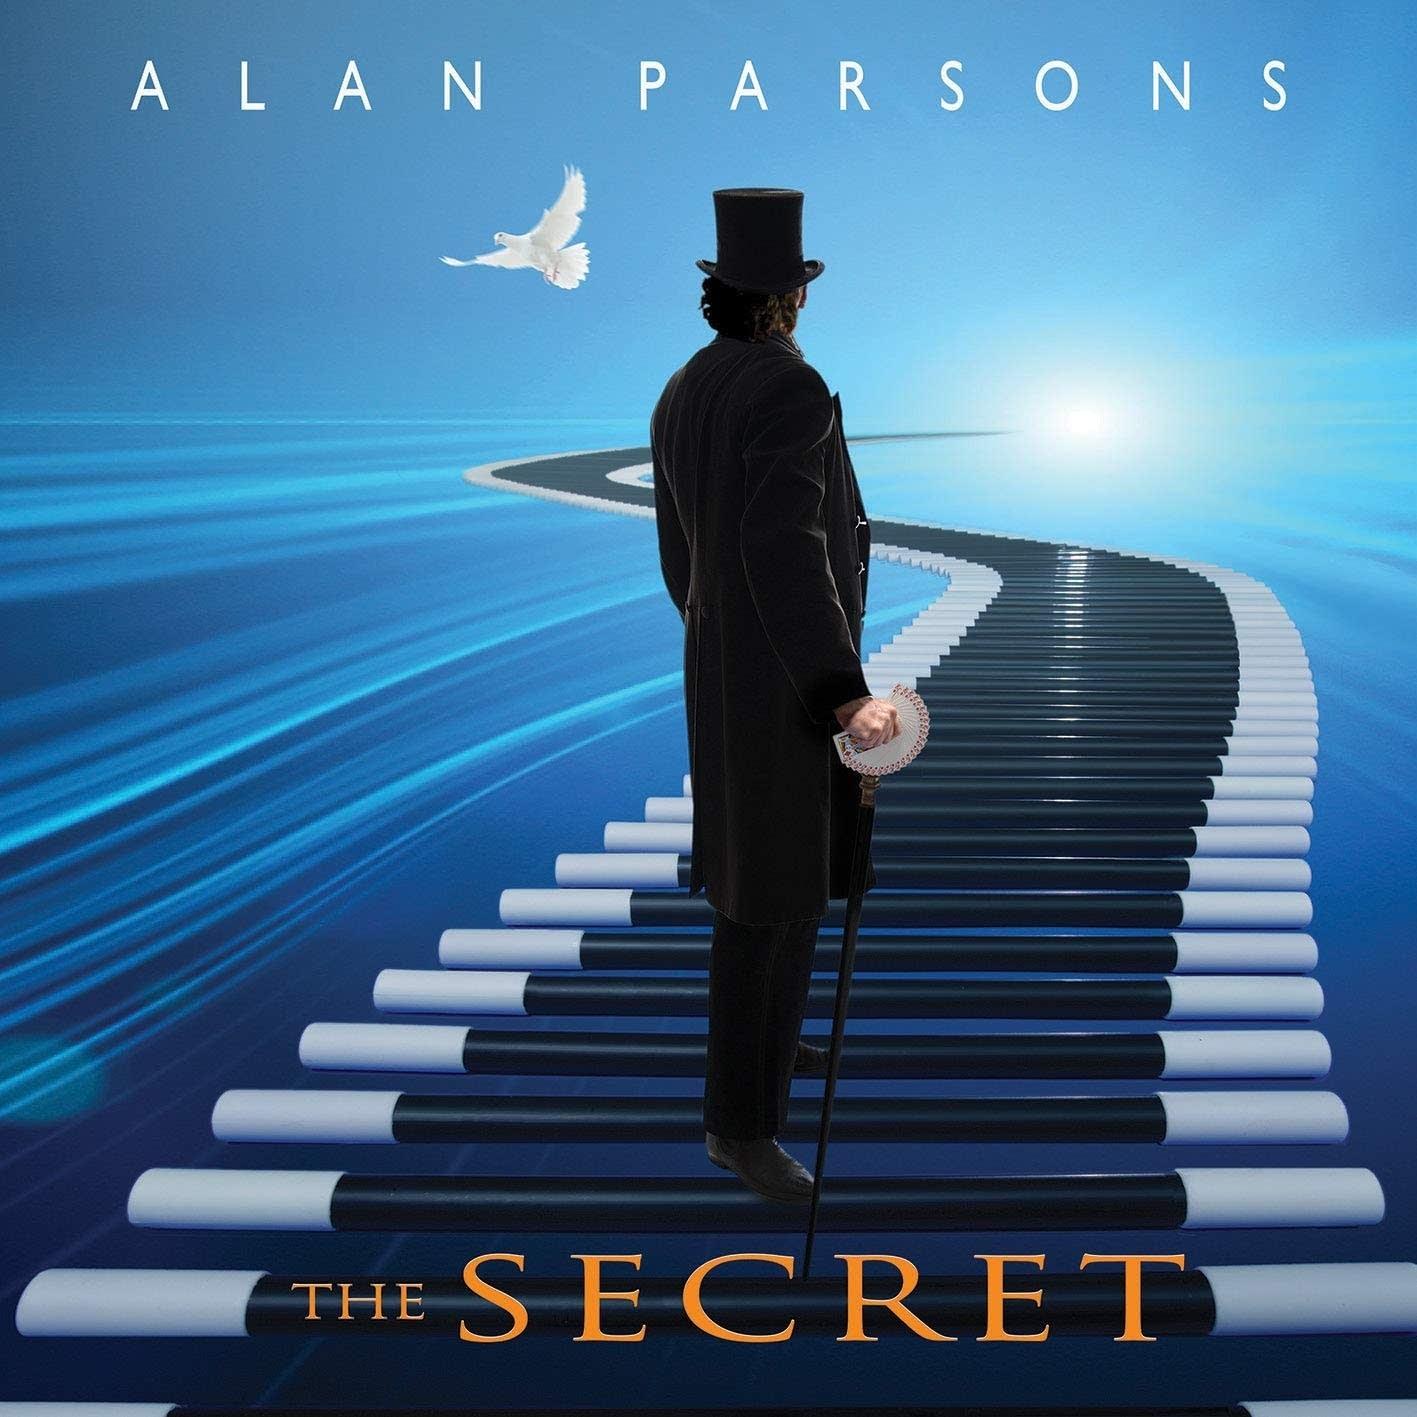 Alan Parsons, 'The Secret' album art.